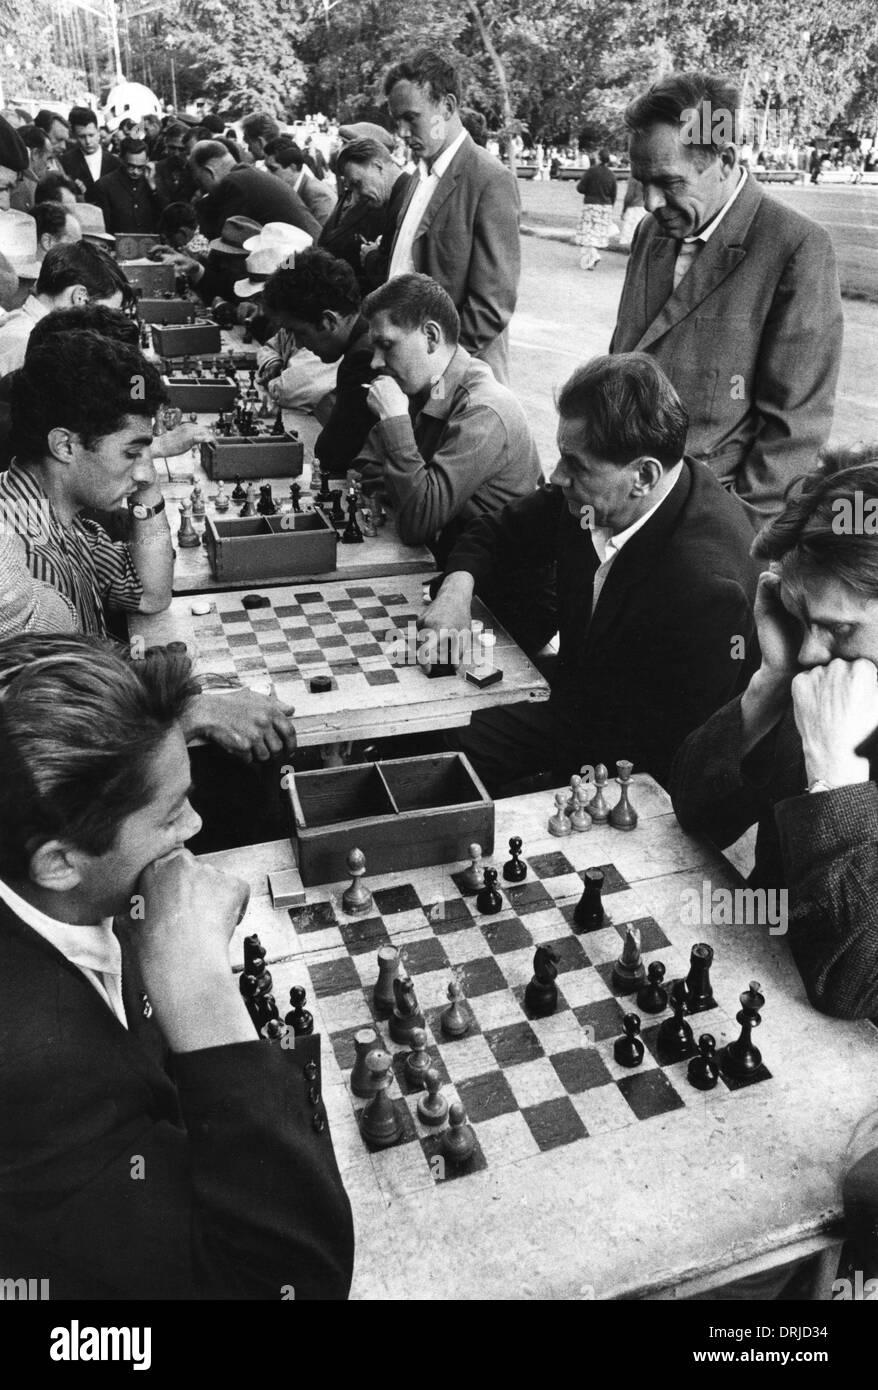 Leute spielen Schach, Gorki Park, Moskau, Russland Stockfoto